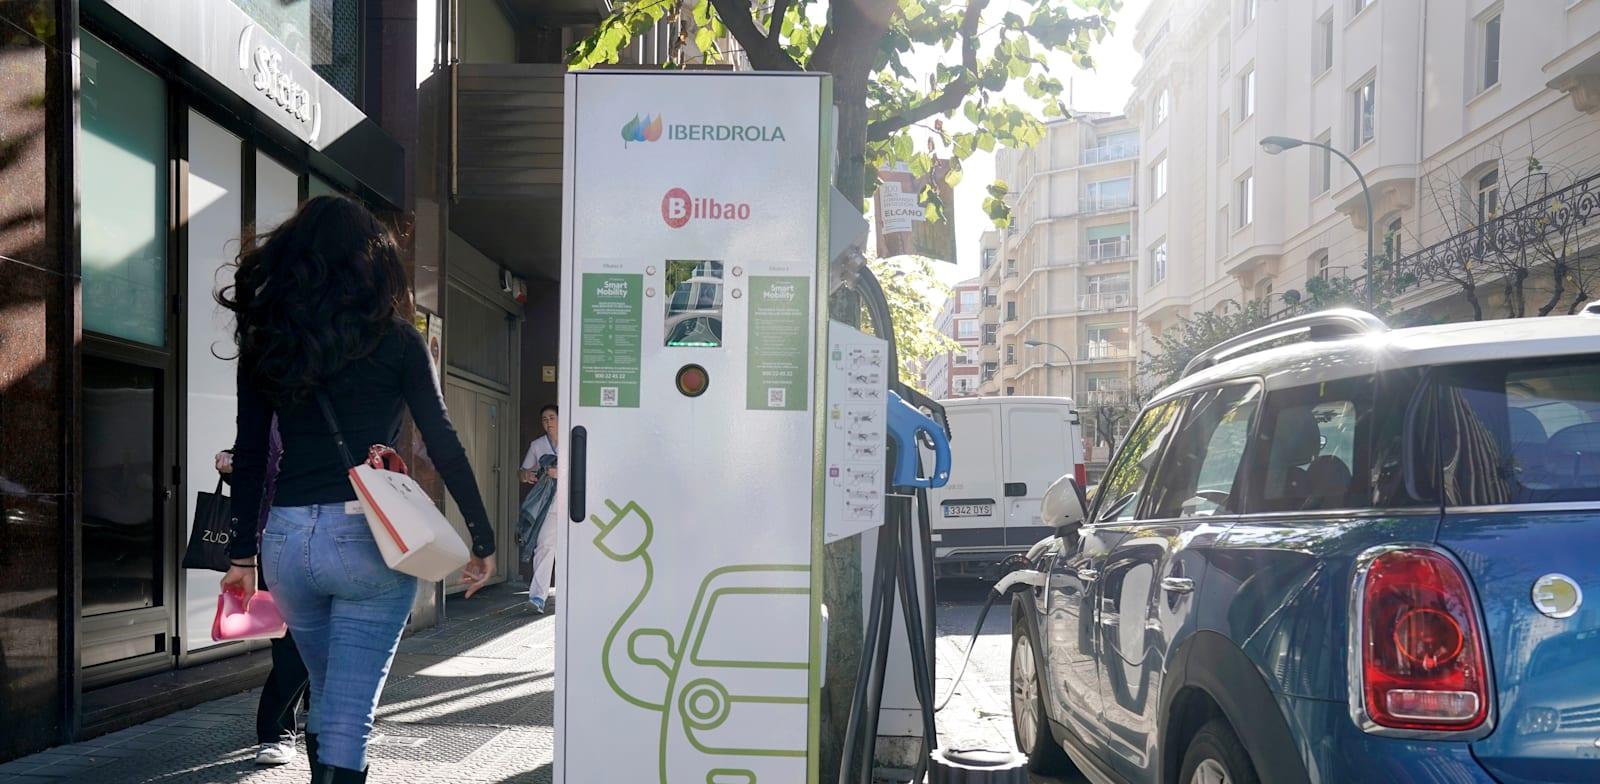 רכב חשמלי בעמדת טעינה של Iberdrola ־ אחת החברות הגדולות בעולם בתחום האנרגיה הירוקה / צילום: Reuters, Vincent West